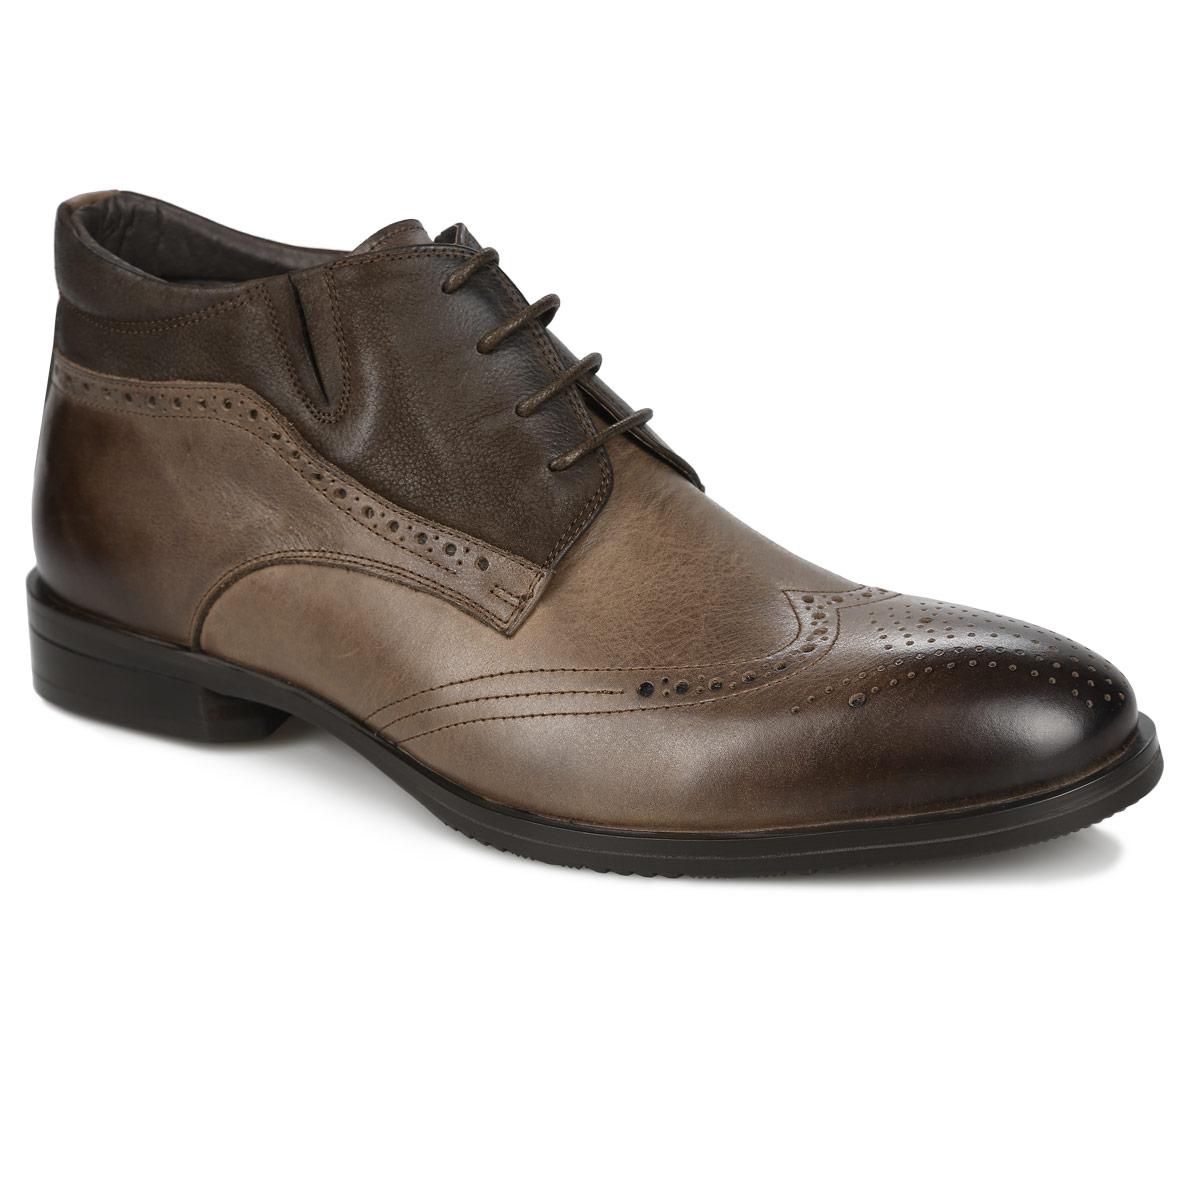 Броги мужские. 104-174104-174-39(T)Стильные ботинки от Dino Ricci прекрасно дополнят ваш деловой образ. Модель выполнена из натуральной высококачественной кожи и оформлена декоративной перфорацией, задним наружным ремнем. Ботинки застегиваются на боковую застежку-молнию. Шнуровка позволяет прочно зафиксировать обувь на ноге. Резинка, расположенная сбоку, гарантирует оптимальную посадку модели на ноге. Мягкая стелька комфортна при движении. Каблук и подошва с рифлением обеспечивают идеальное сцепление с поверхностью. Изысканные ботинки подчеркнут ваше безупречное чувство стиля.